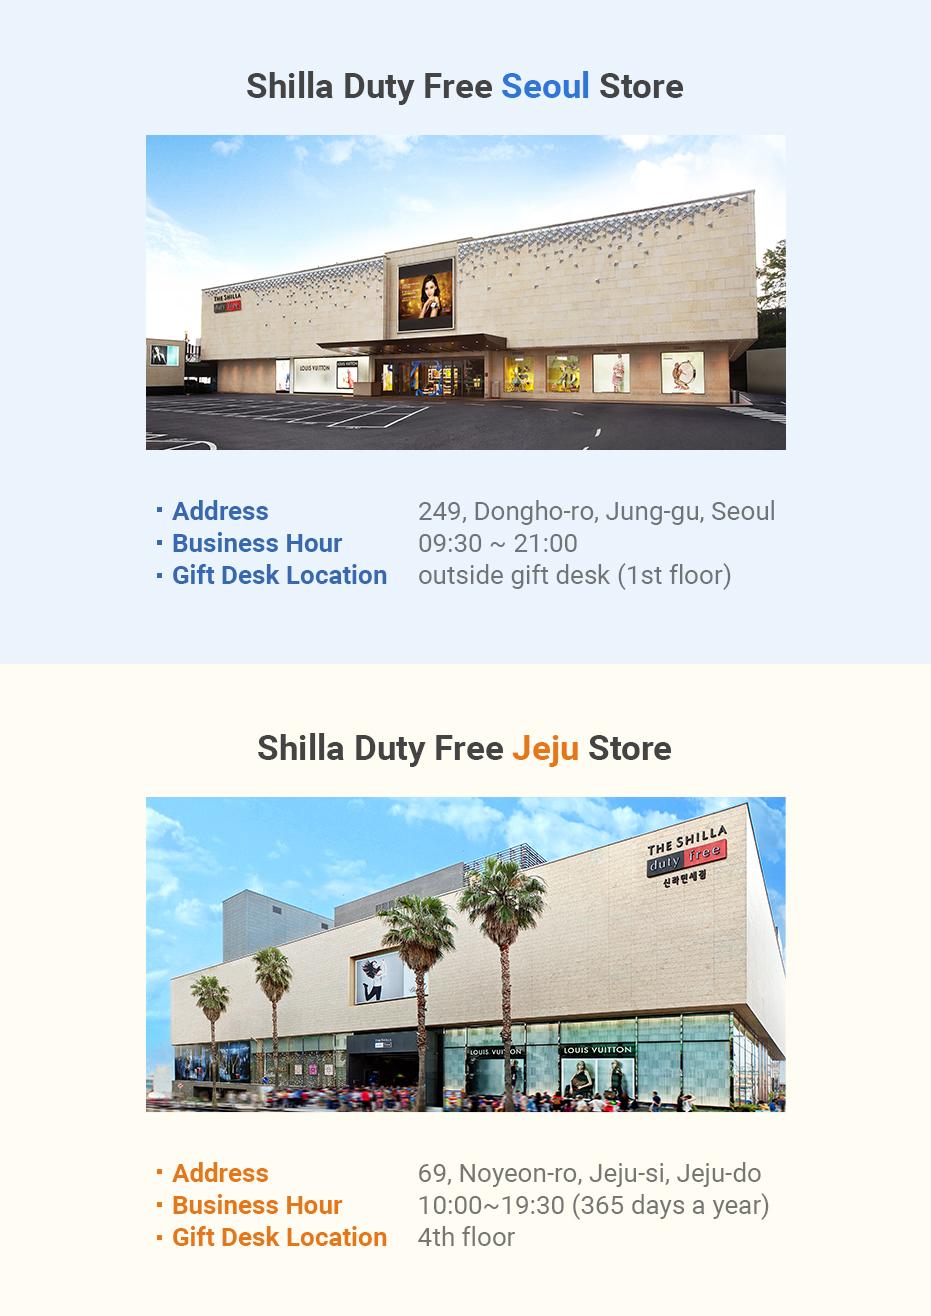 shilla Duty Free Seoul / Jeju Store